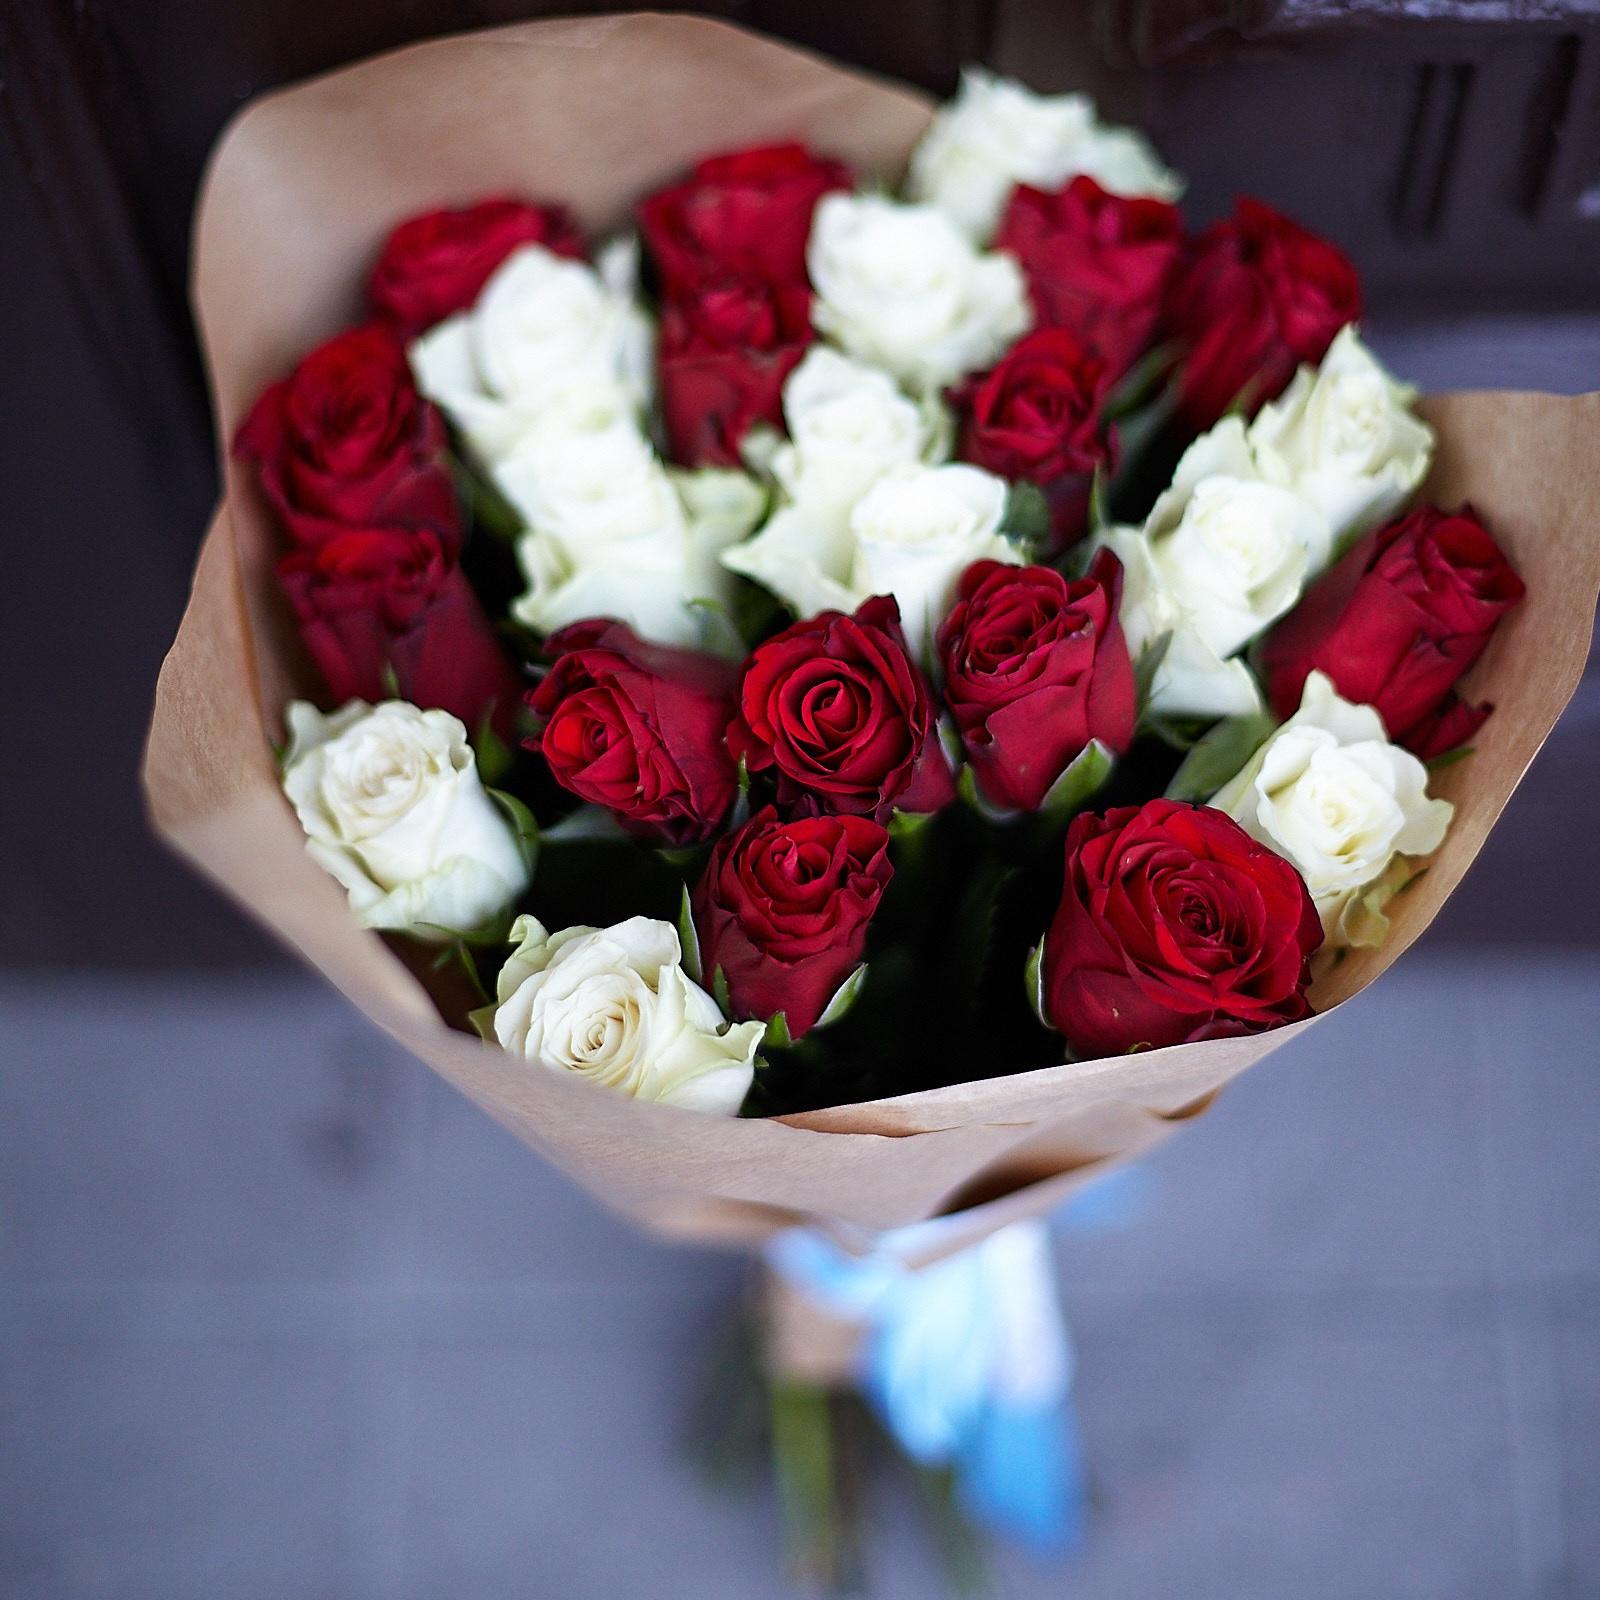 Что означает синий цвет розы